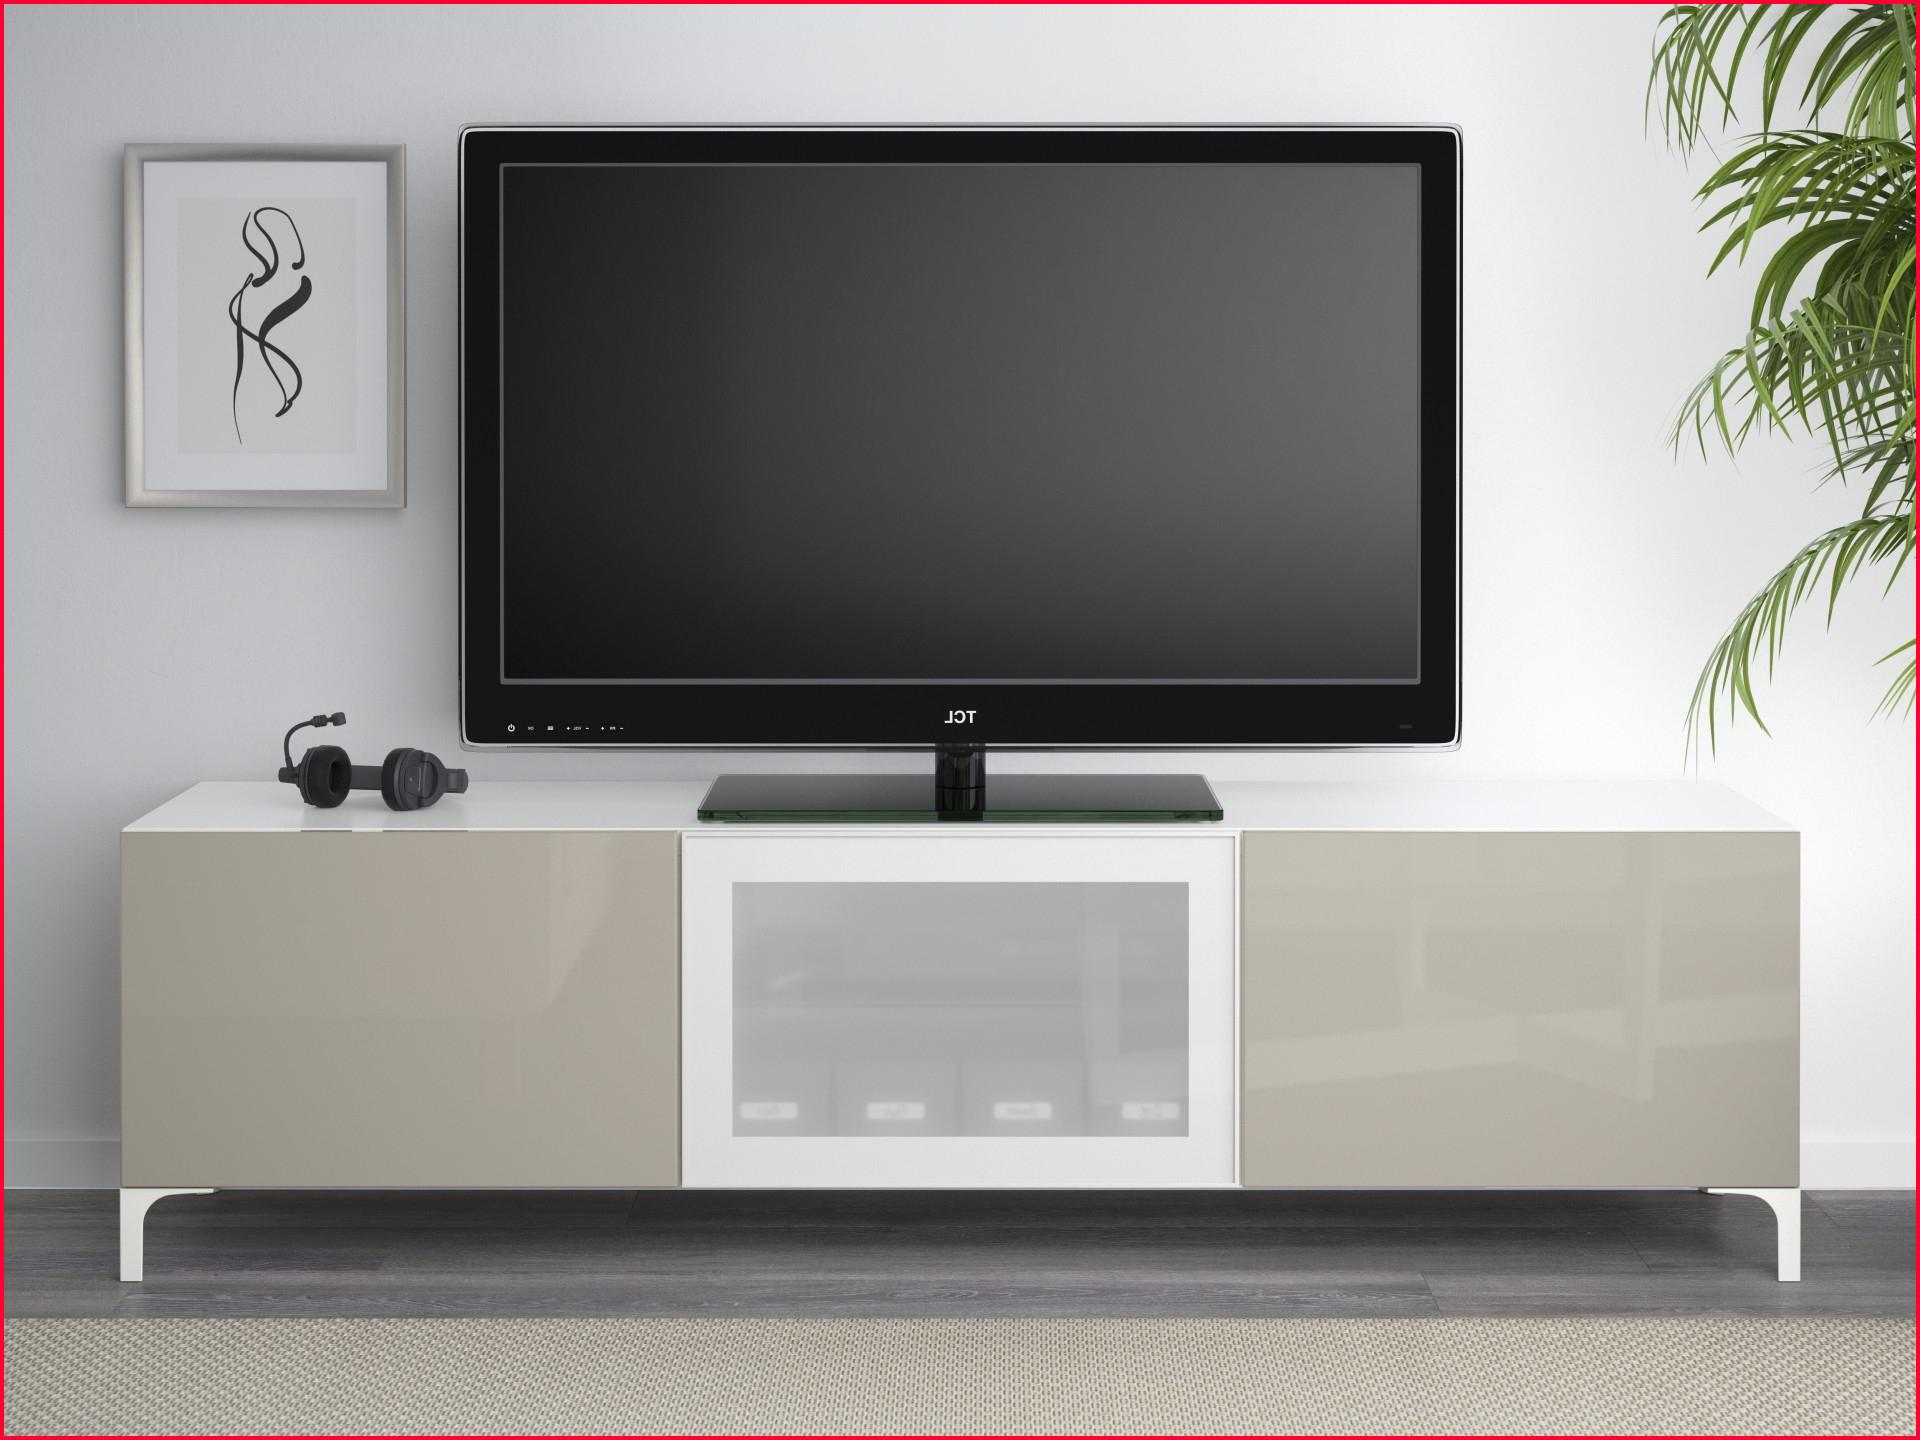 Muebles De Tv Ikea Budm Ikea Muebles Para Tv Aparador Tv Ikea Aparador Ikea Besta 14